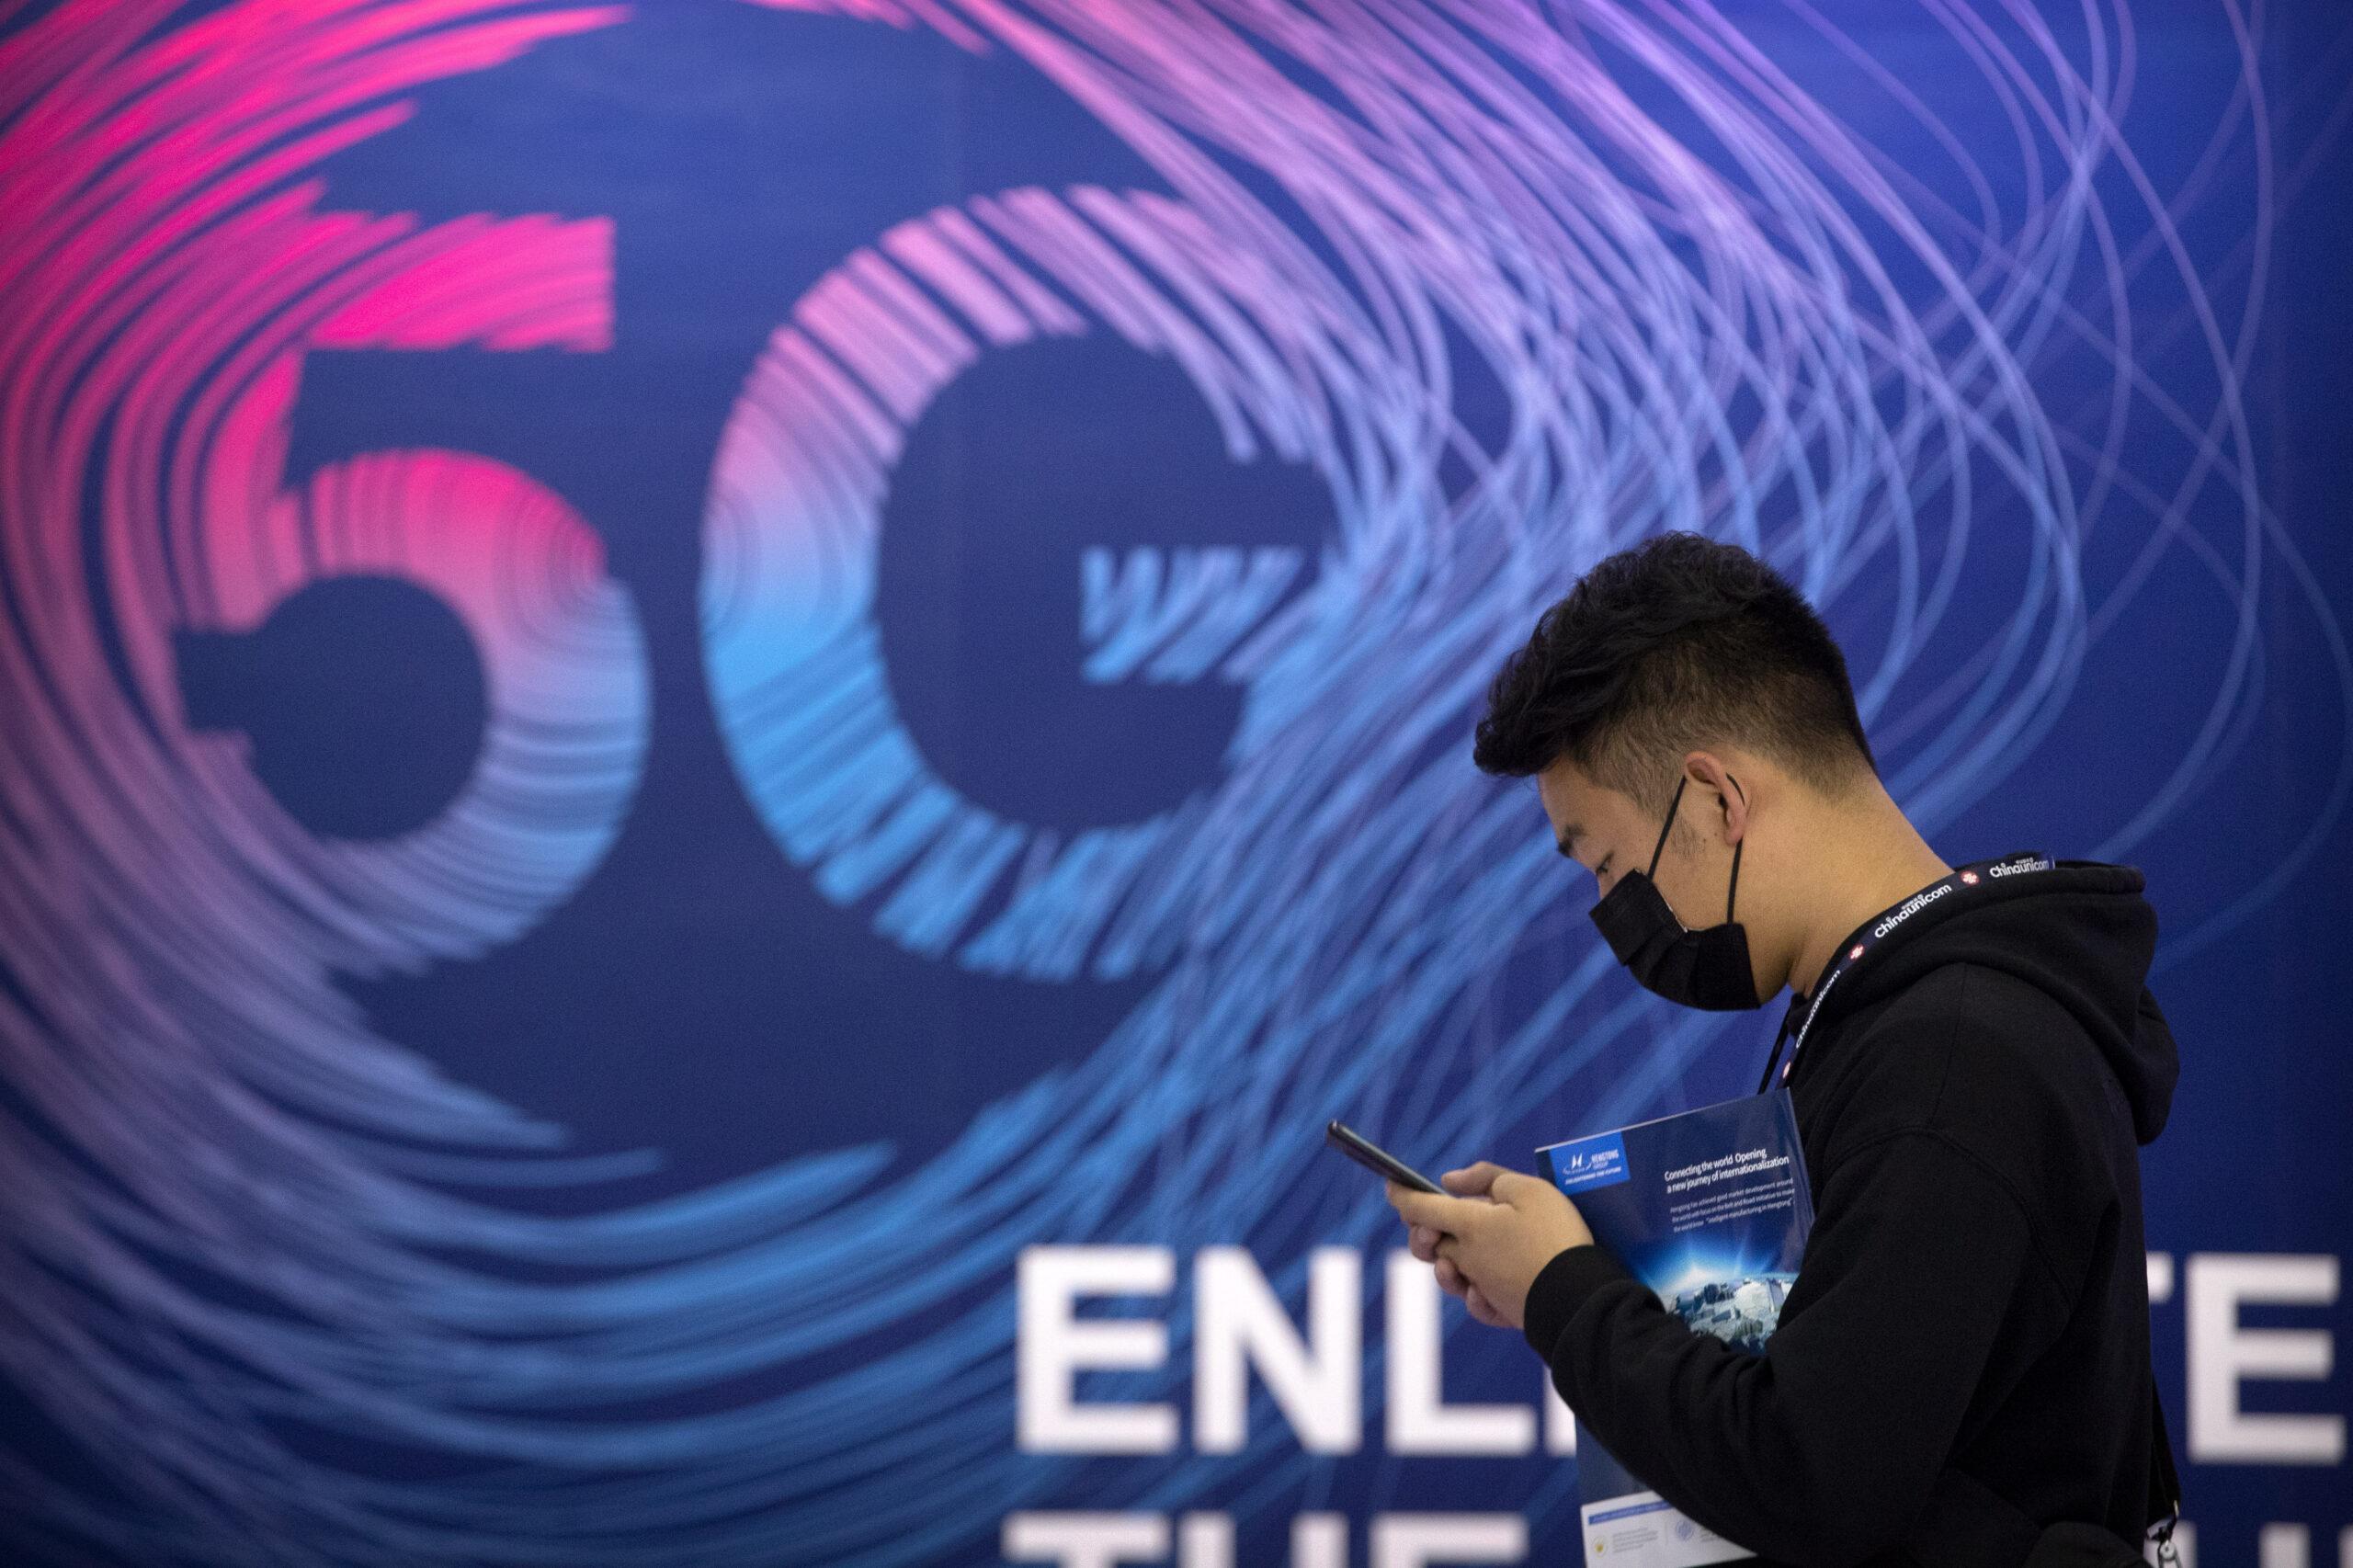 In che modo il 5G e le altre tecnologie abilitanti cambieranno l'economia americana?